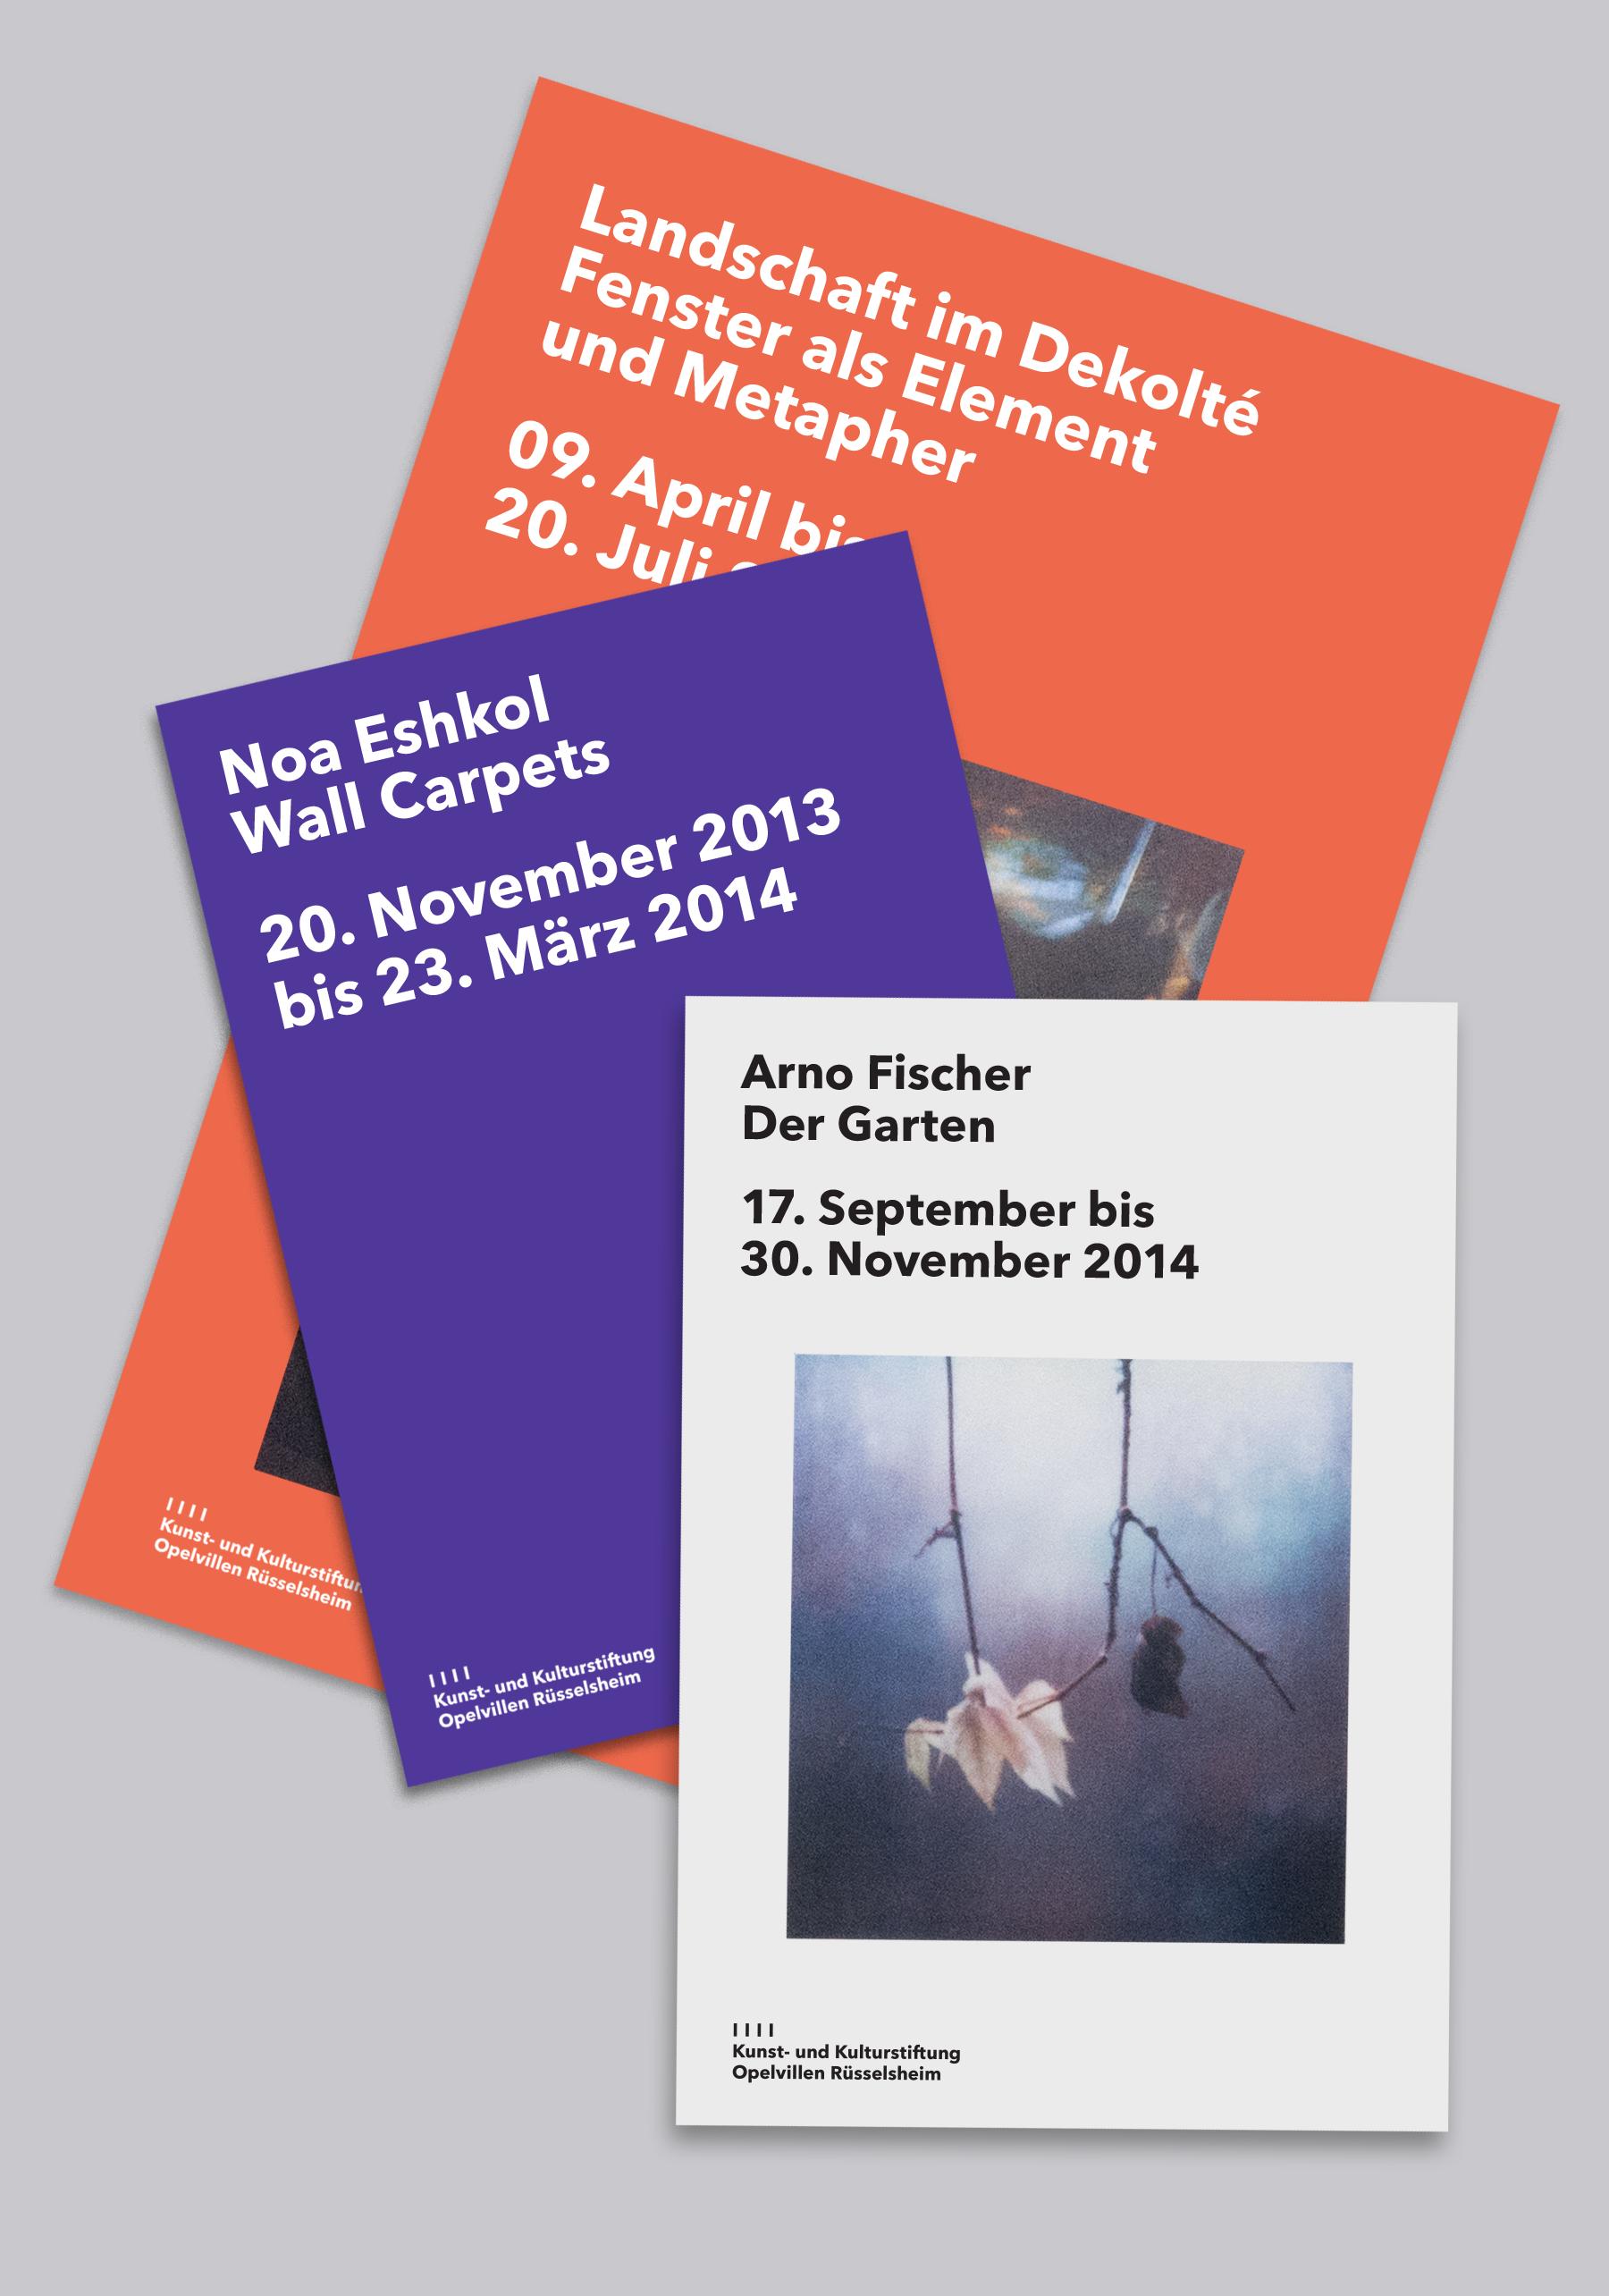 Kunst- und Kulturstiftung Opelvillen Rüsselsheim - Fonts In Use